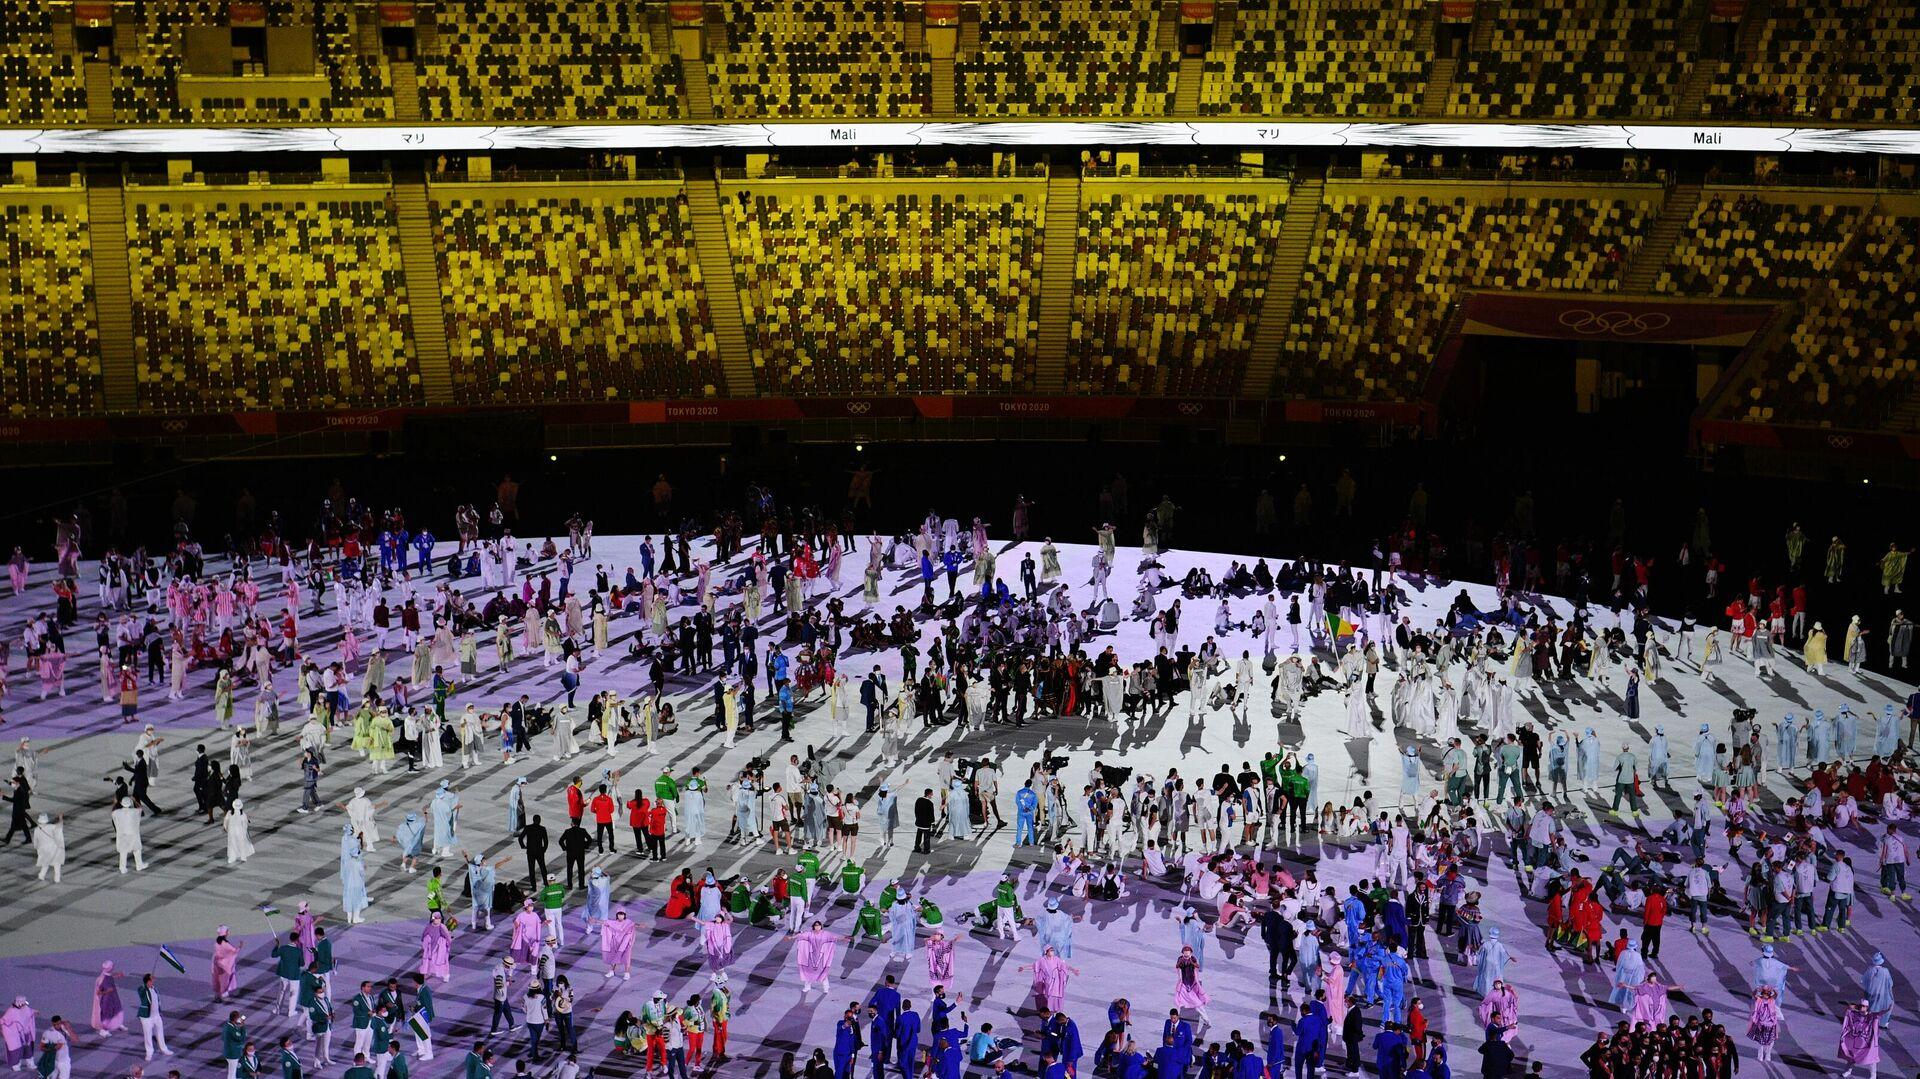 La sfilata degli atleti alla cerimonia di apertura delle Olimpiadi a Tokyo. - Sputnik Italia, 1920, 25.07.2021